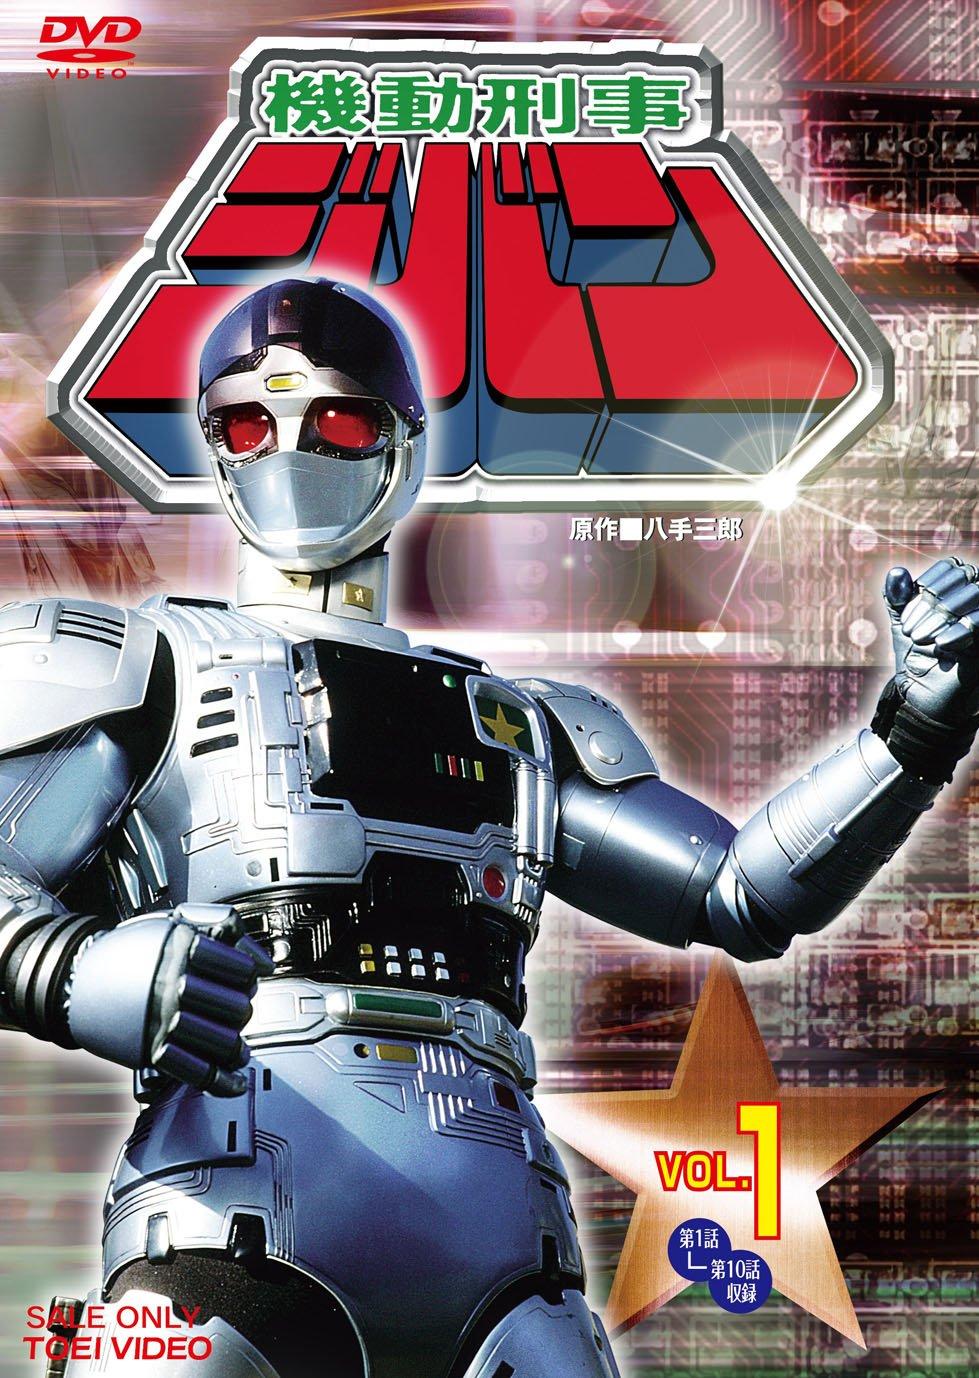 機動刑事ジバン Vol.1 [DVD] B001RRTOSO